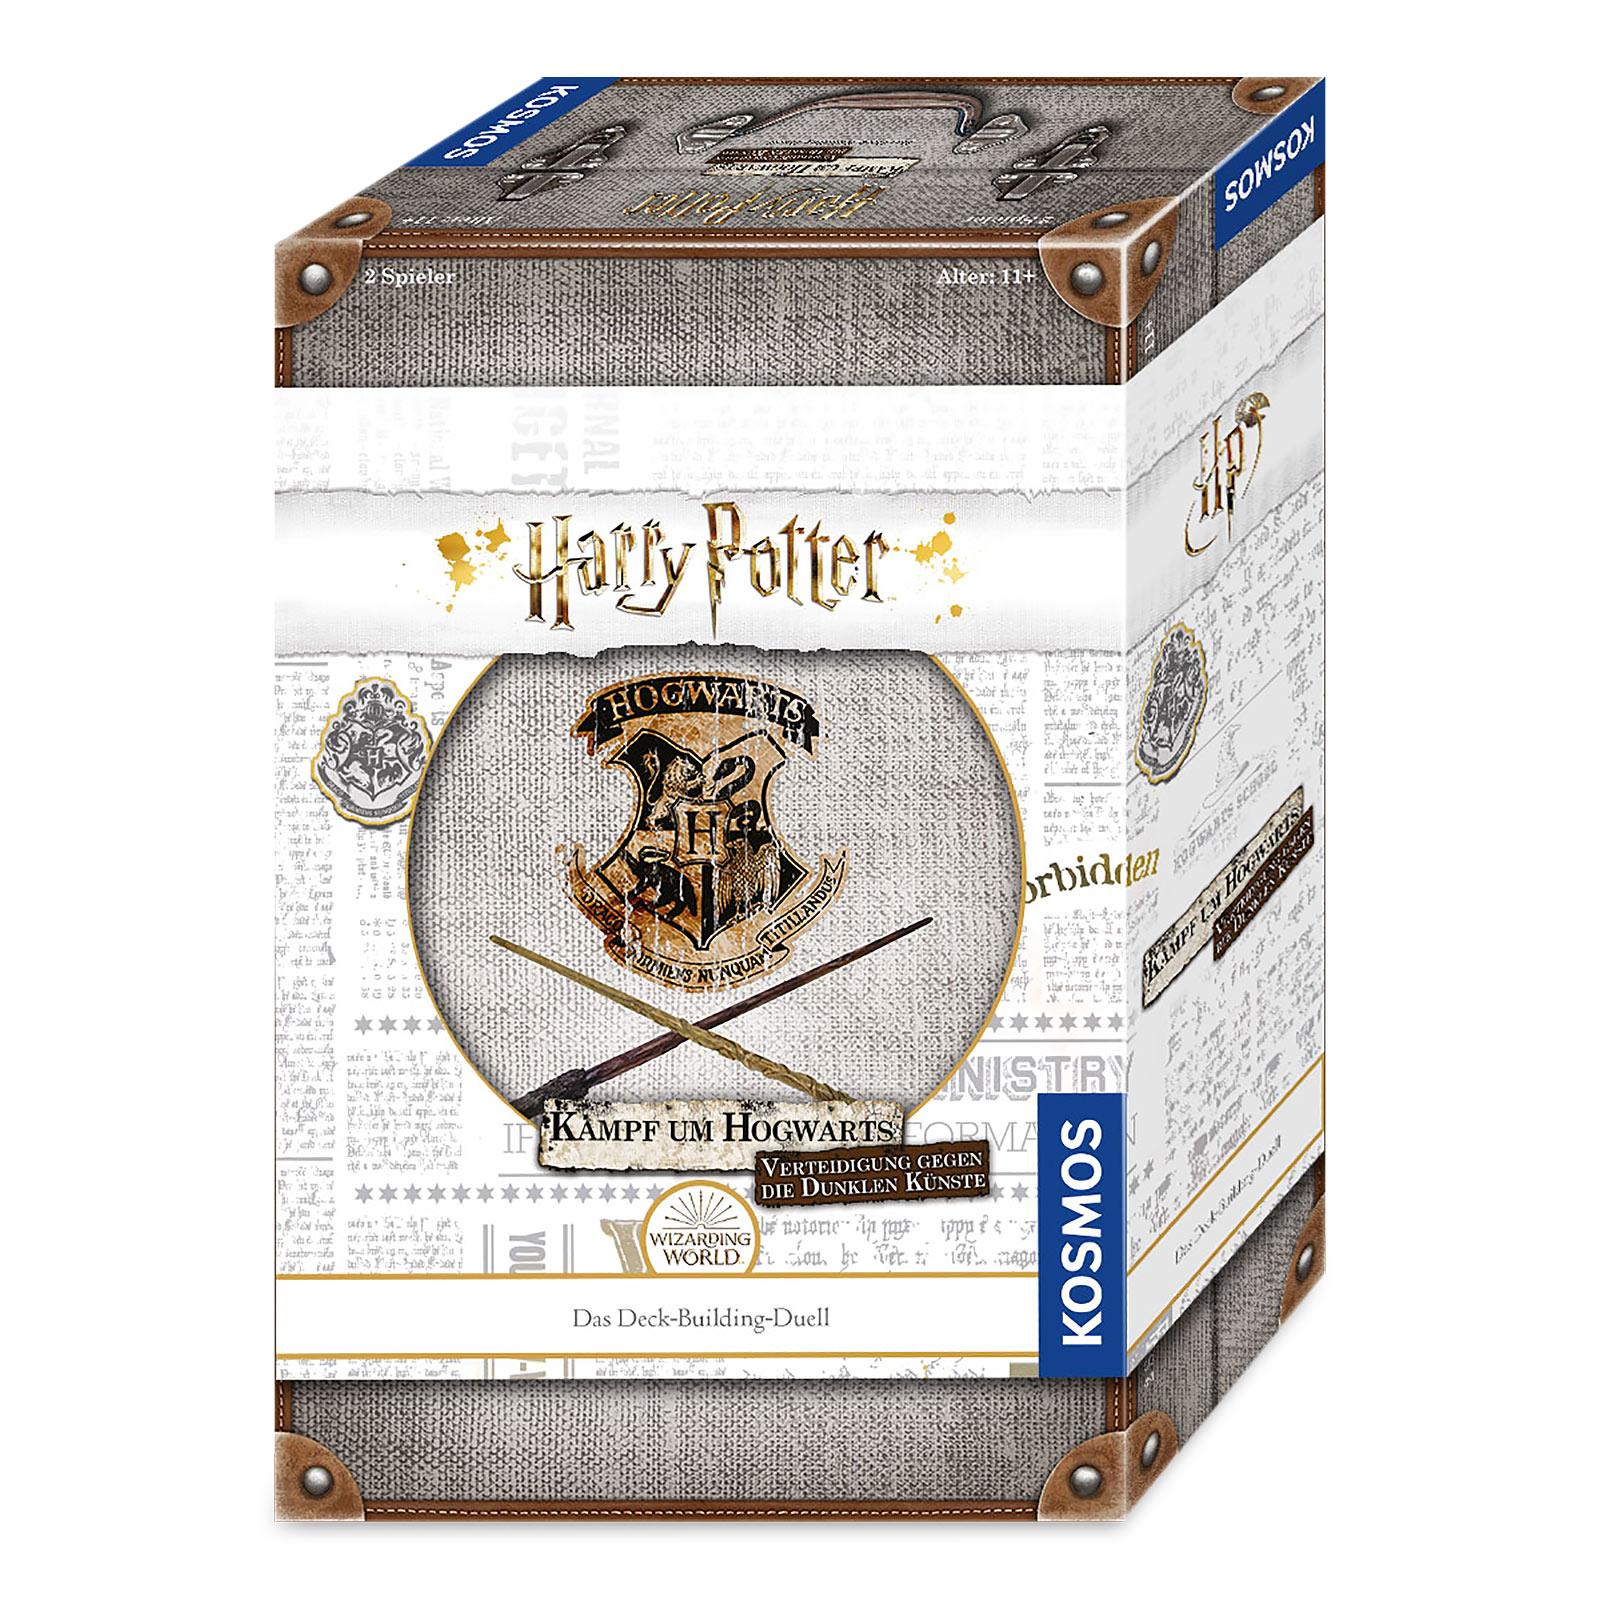 Harry Potter - Kampf um Hogwarts - Verteidigung gegen die dunklen Künste Kartenspiel